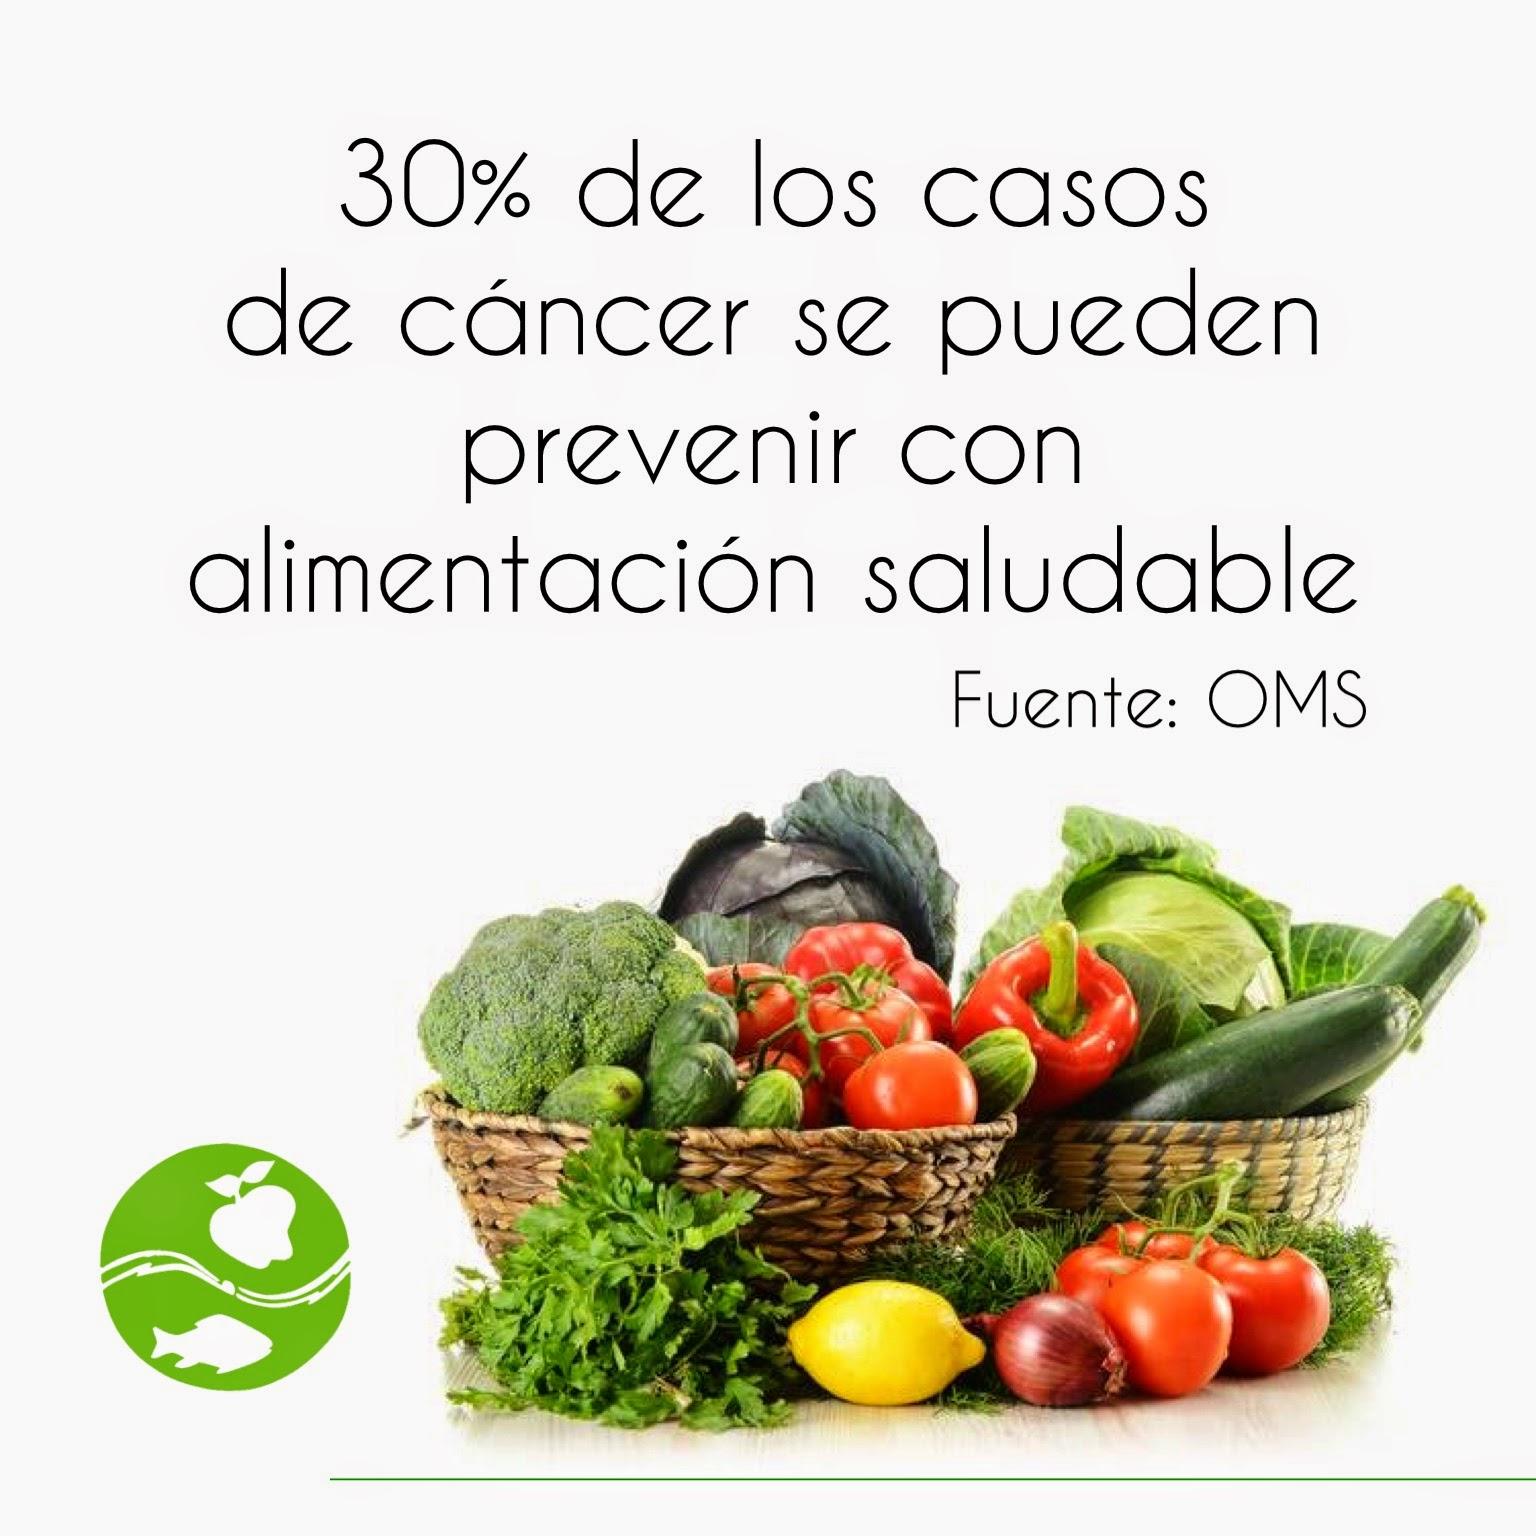 Cocina segura alimentaci n antes durante y despu s del c ncer - Alimentos que evitan el cancer ...